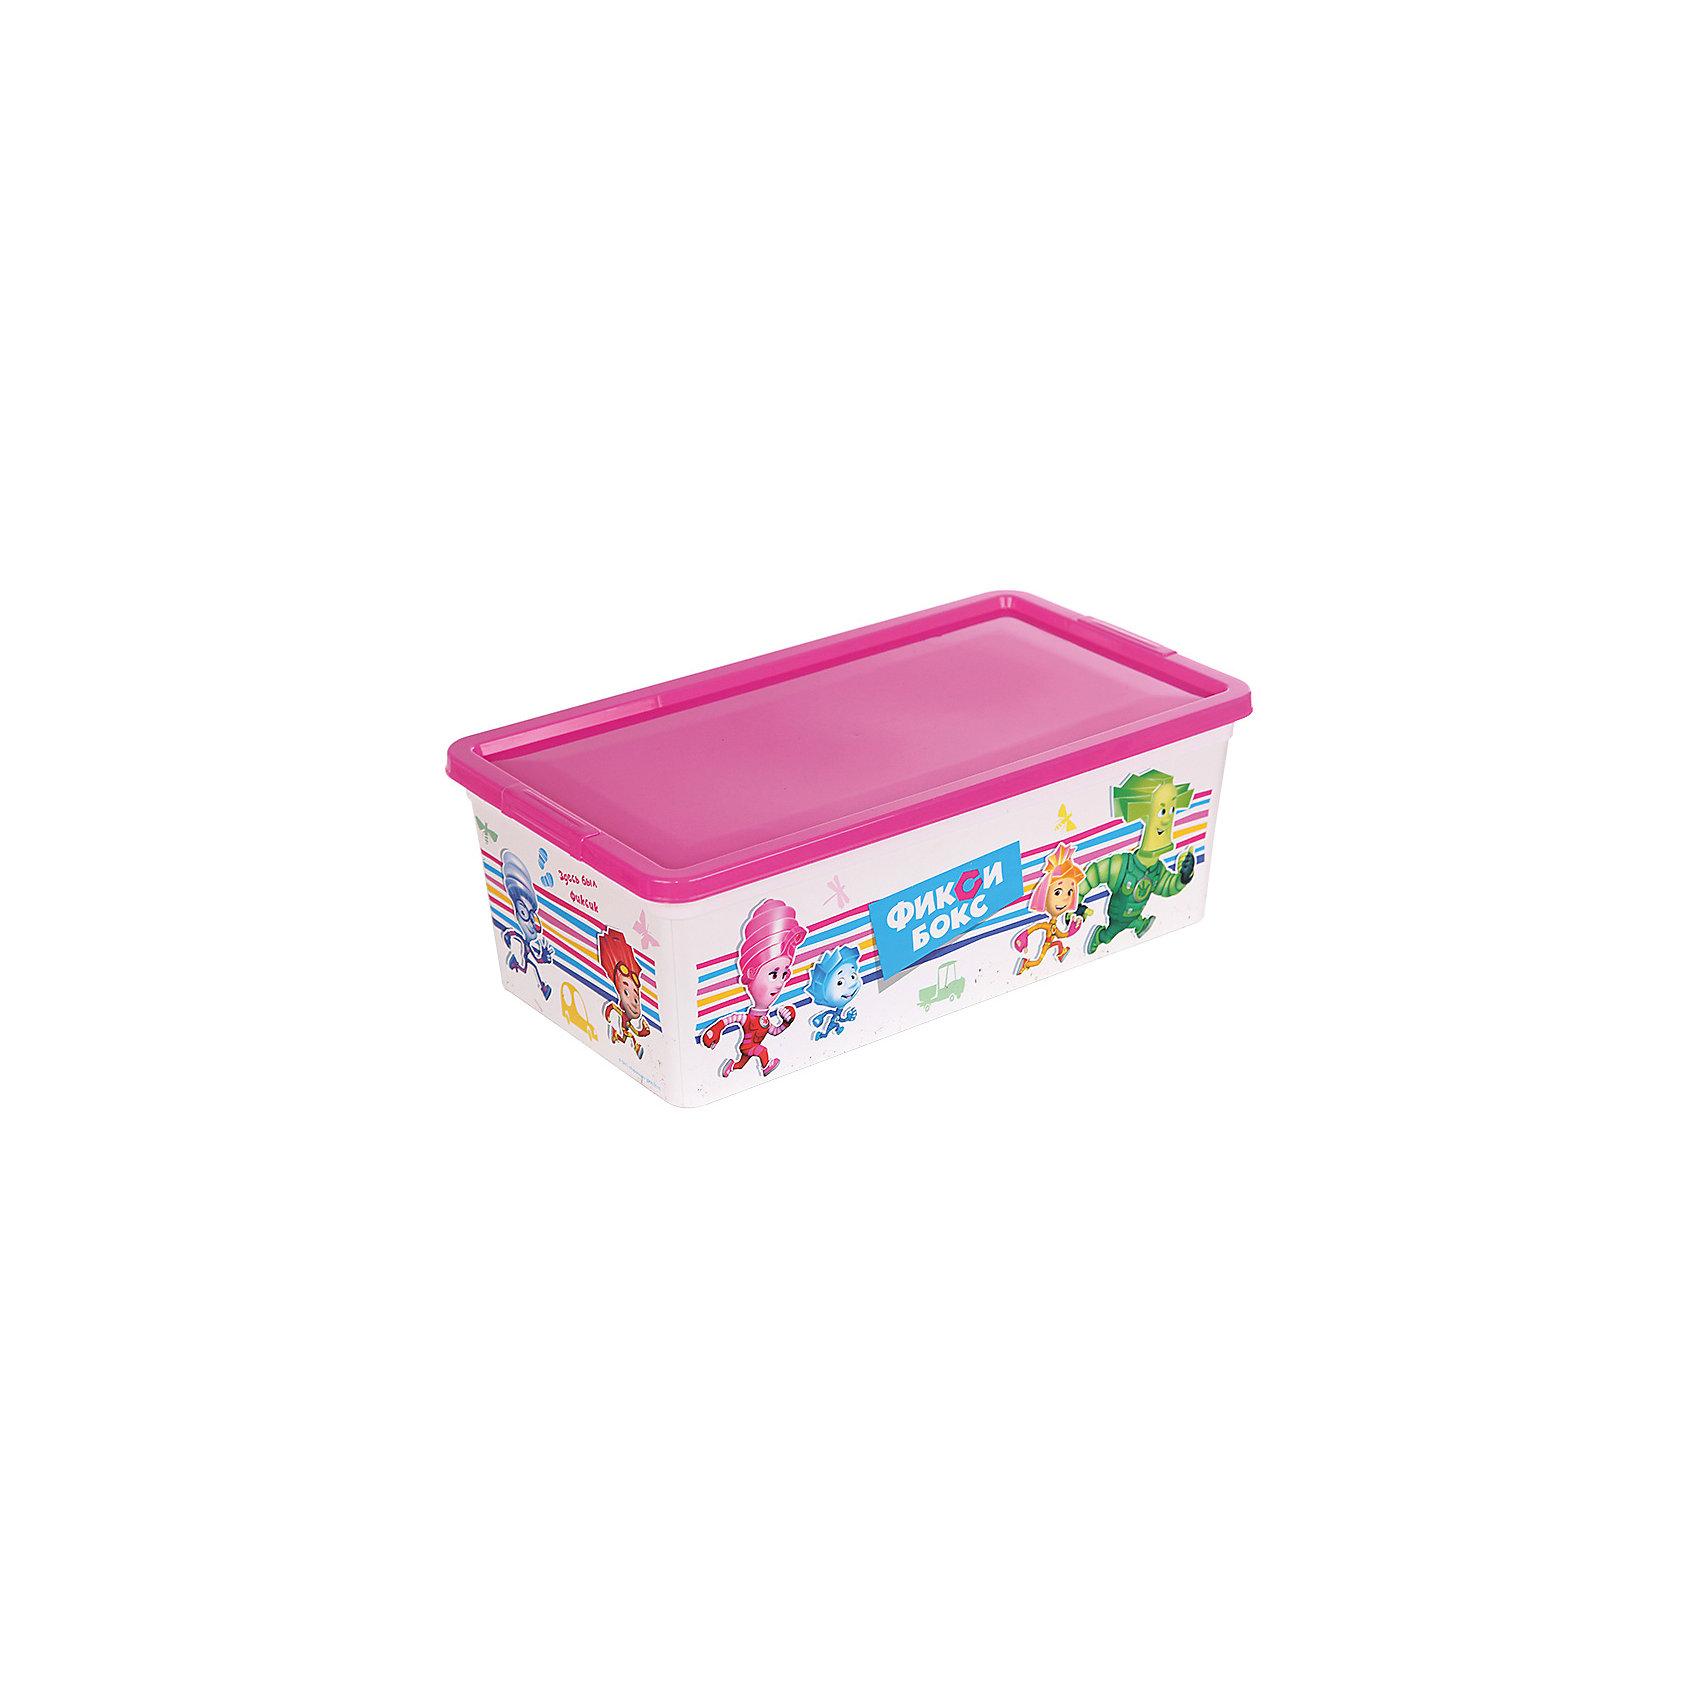 Коробка для мелочей Фиксики, бело-розовая, 5,5 литровКоробка для мелочей Фиксики выполнена из высококачественного прочного пластика безопасного для детей. Контейнер с изображениями любимых героев отлично впишется в интерьер детской и порадует ребенка. Коробка имеет крышку, которая легко и при этом очень надежно и плотно закрывается, позволяя сохранить все мелочи и игрушки в одном месте. <br><br>Дополнительная информация:<br><br>- Материал: пластик.<br>- Размер: 34х19х12 см.<br><br>Коробку для мелочей Фиксики, бело-розовую, 5,5 литров, можно купить в нашем магазине.<br><br>Ширина мм: 340<br>Глубина мм: 190<br>Высота мм: 120<br>Вес г: 150<br>Возраст от месяцев: 12<br>Возраст до месяцев: 120<br>Пол: Унисекс<br>Возраст: Детский<br>SKU: 4718431